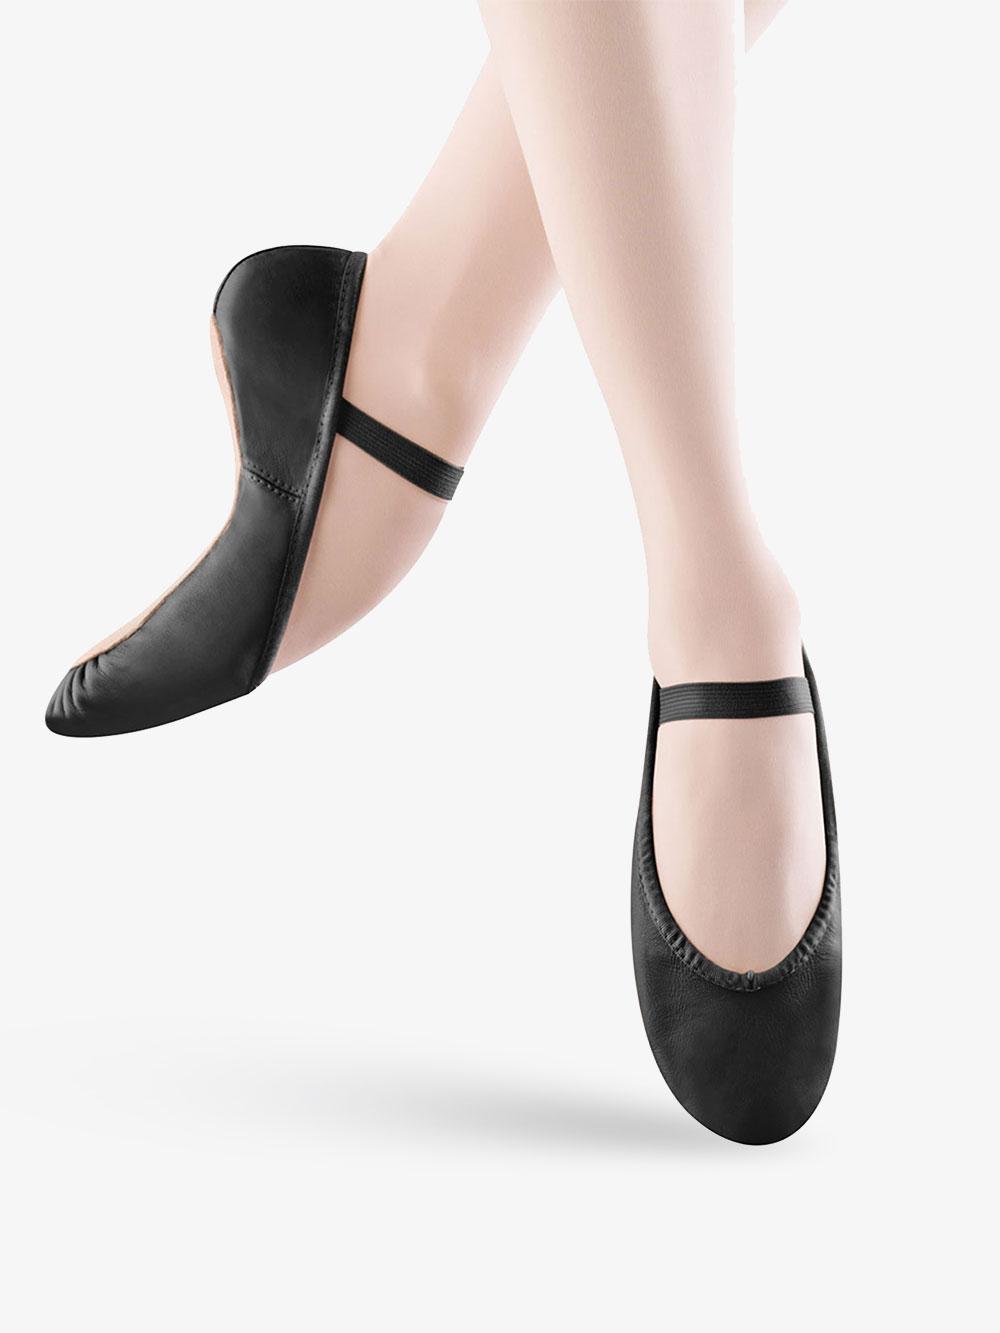 Bloch Girls Dance Dansoft Full Sole Leather Ballet Slipper//Shoe 1.5 Wide Little Kid Pink